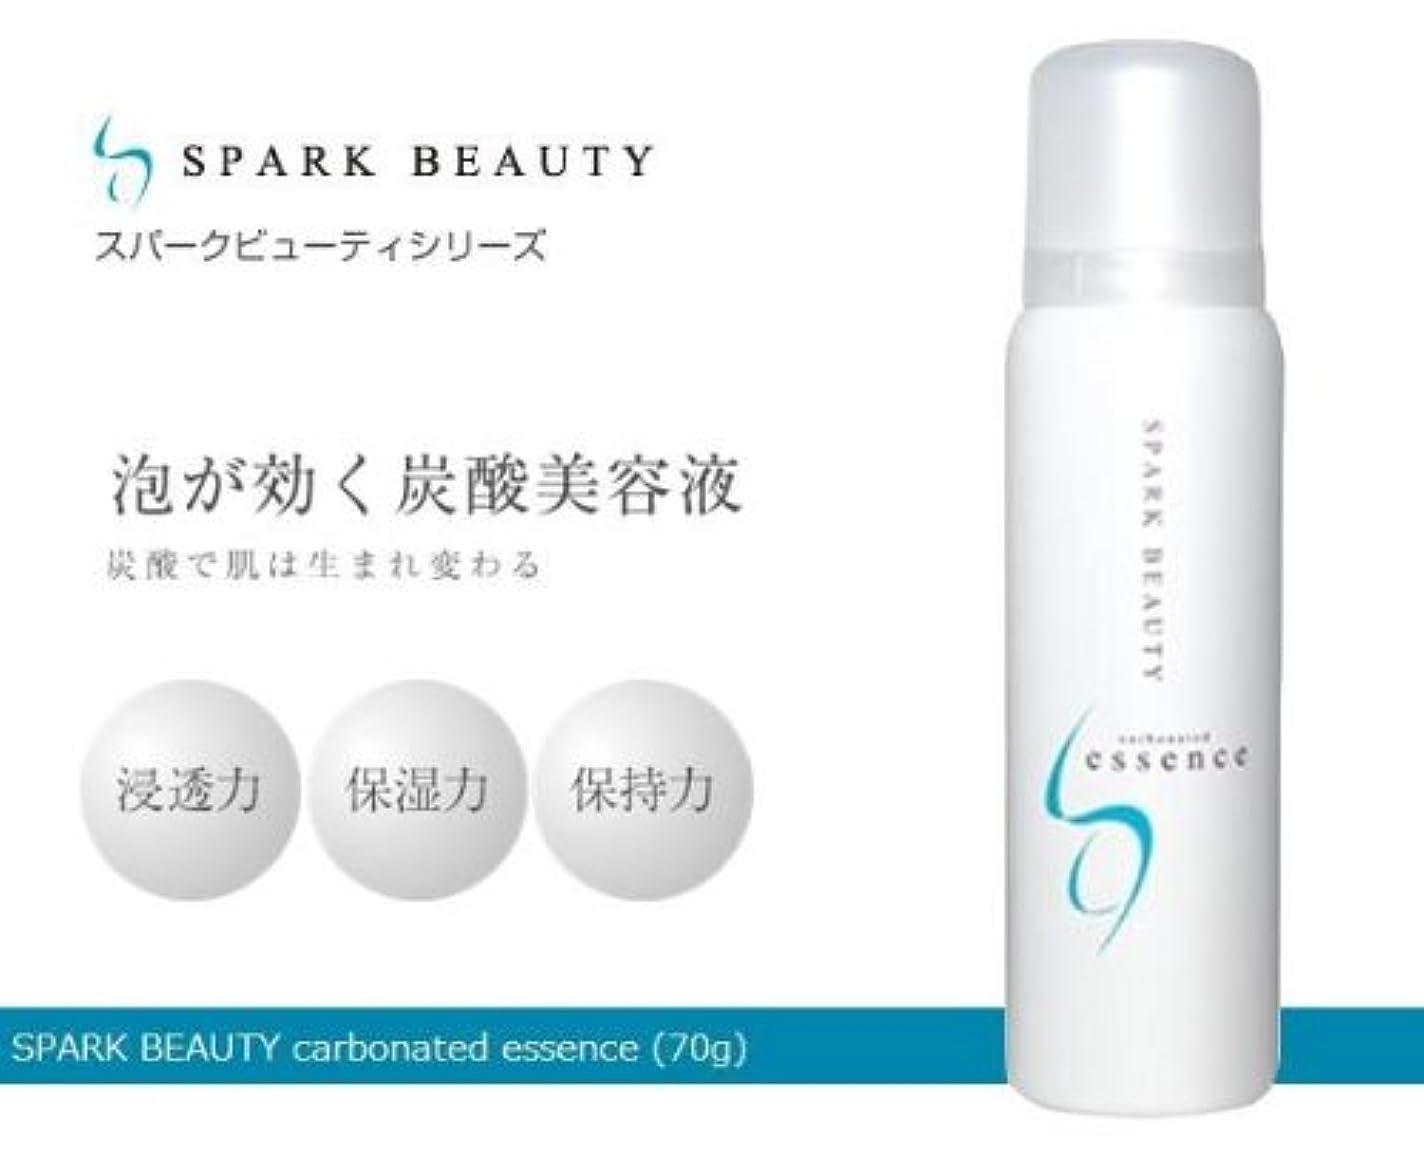 ランタン層商標SPARK BEAUTY スパークビューティー 炭酸美容液 70g